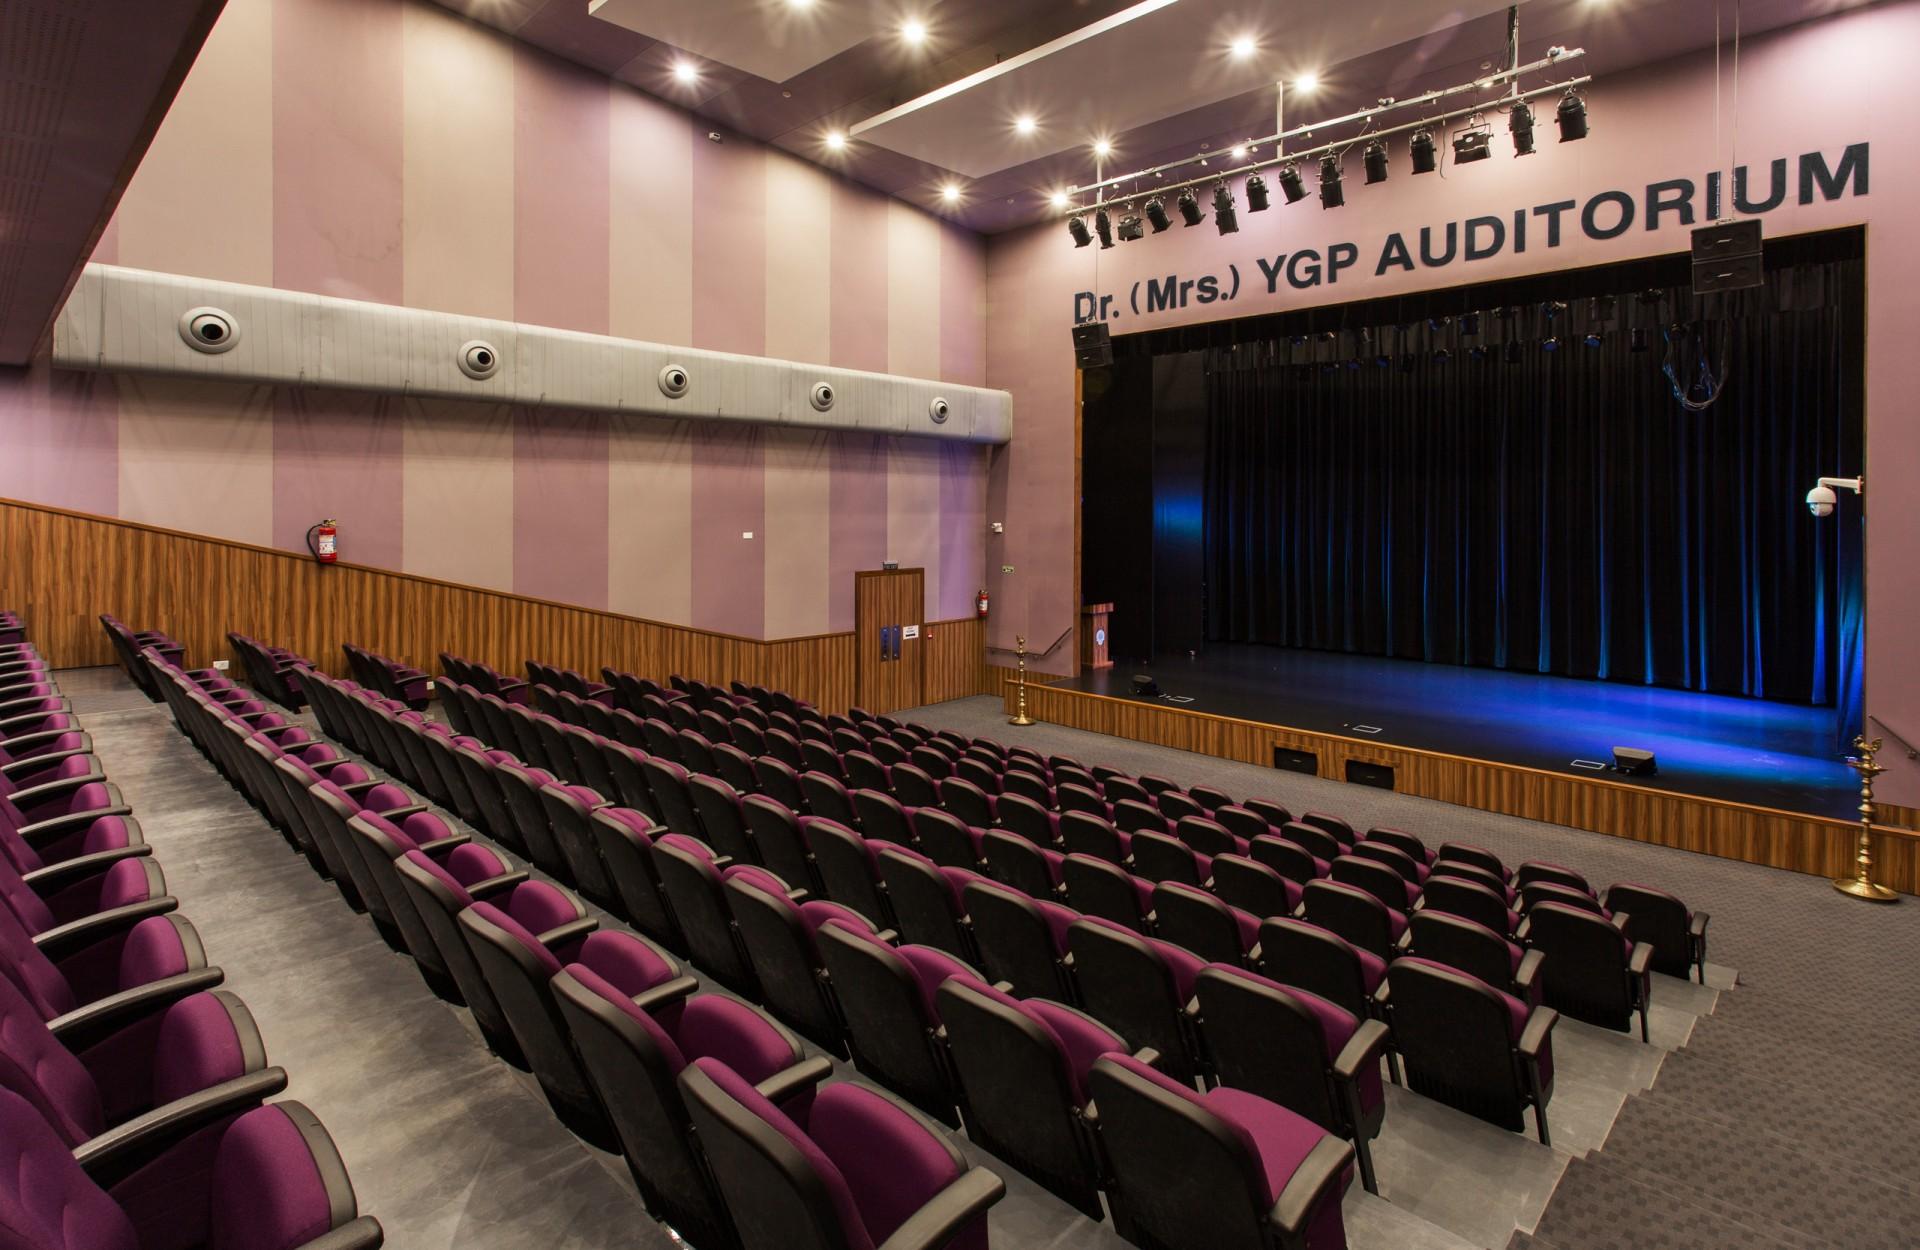 Psbb Auditorium Ksm Architecture